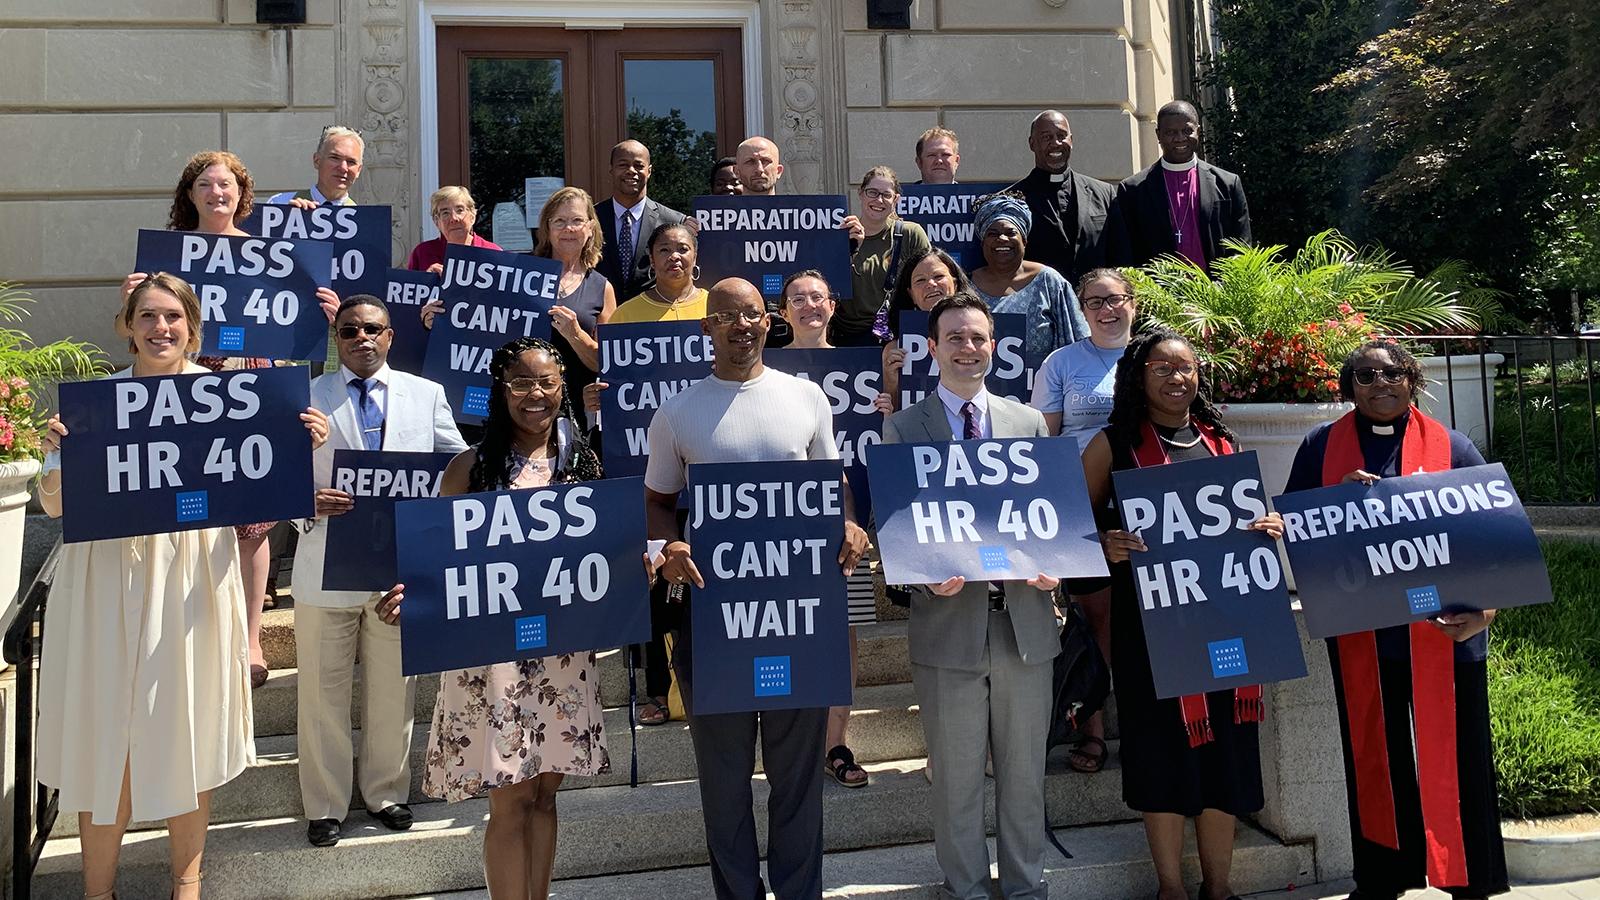 Законопроект о репарациях за расизм в США объединяет представителей разных религий